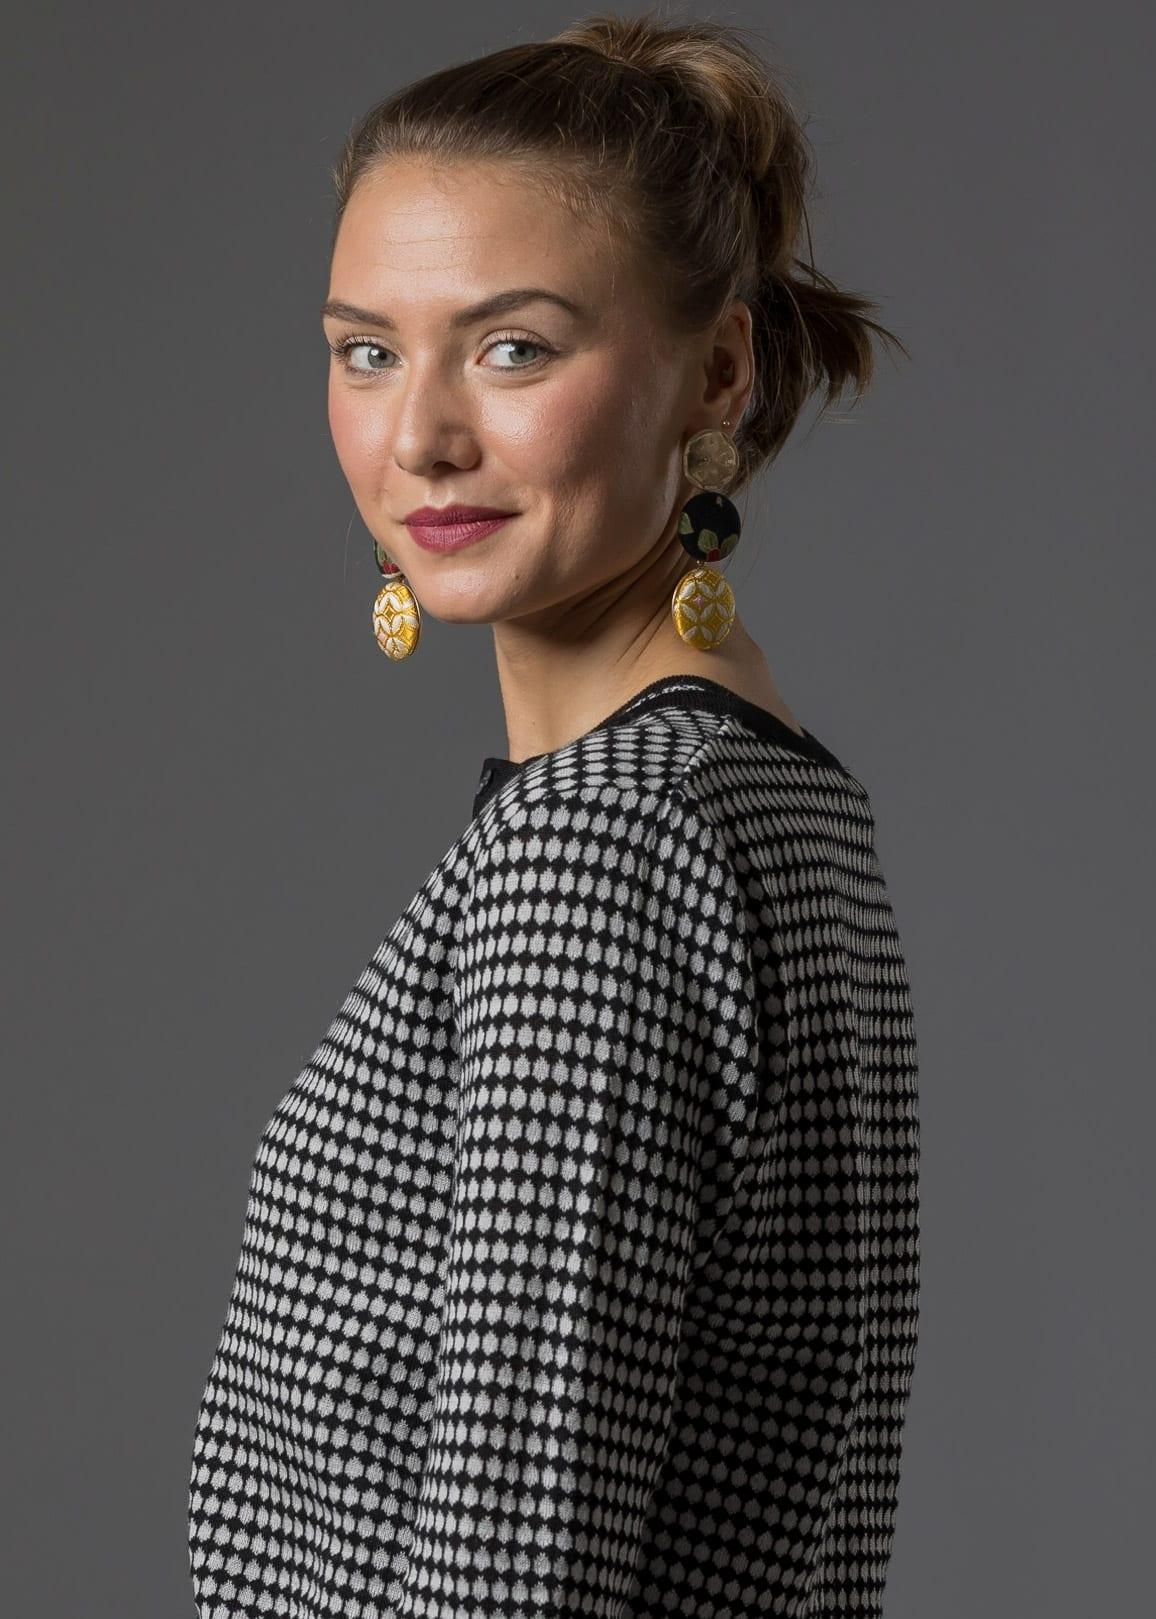 Jacquard Strickjacke Ulla aus Merinowolle von Connemara in schwarz / silber